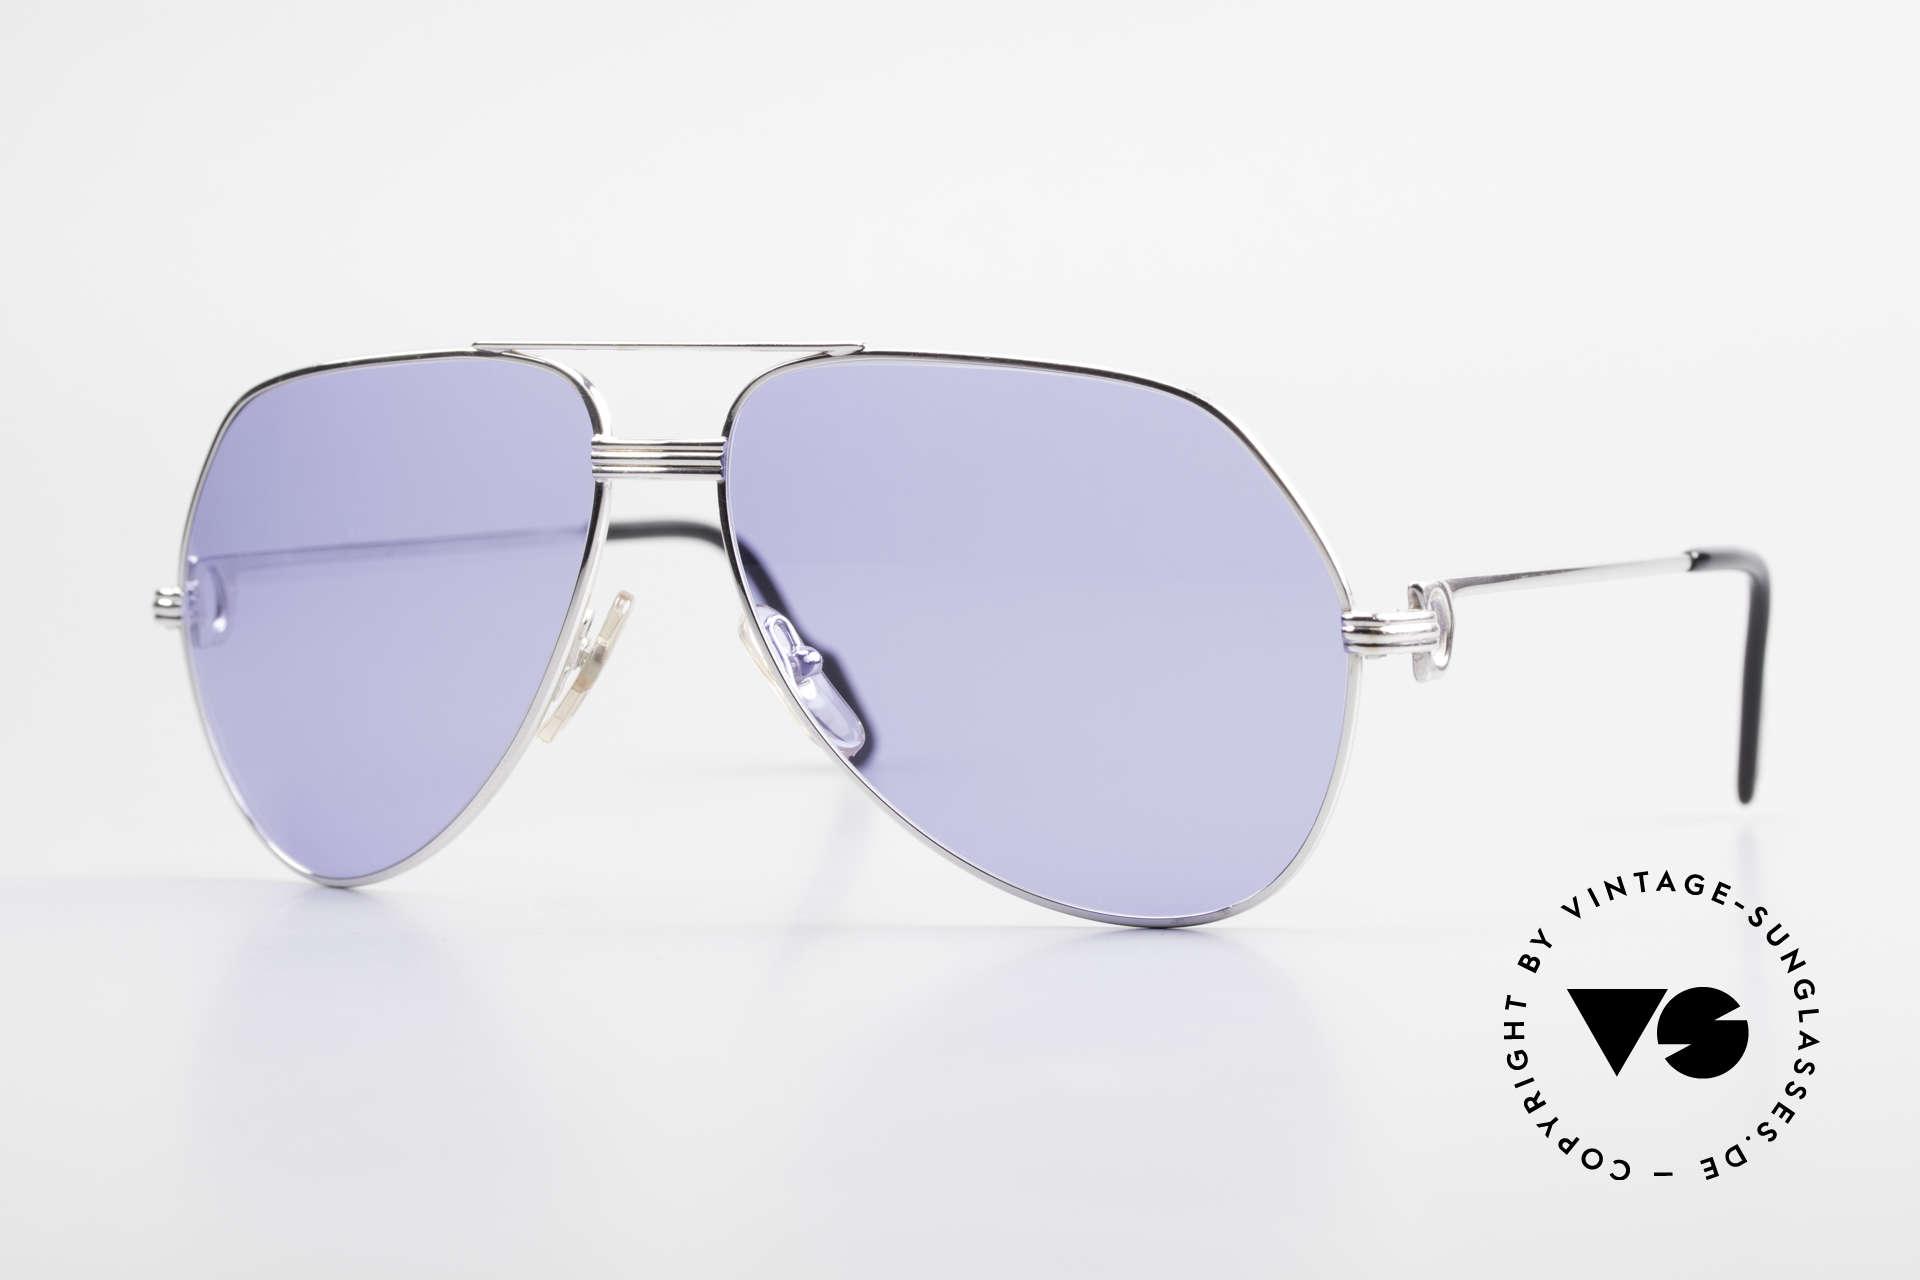 Cartier Vendome LC - L Sonderanfertigung Einzelstück, einzigartige CARTIER Vendome Sonnenbrille in Gr. 62°14, Passend für Herren